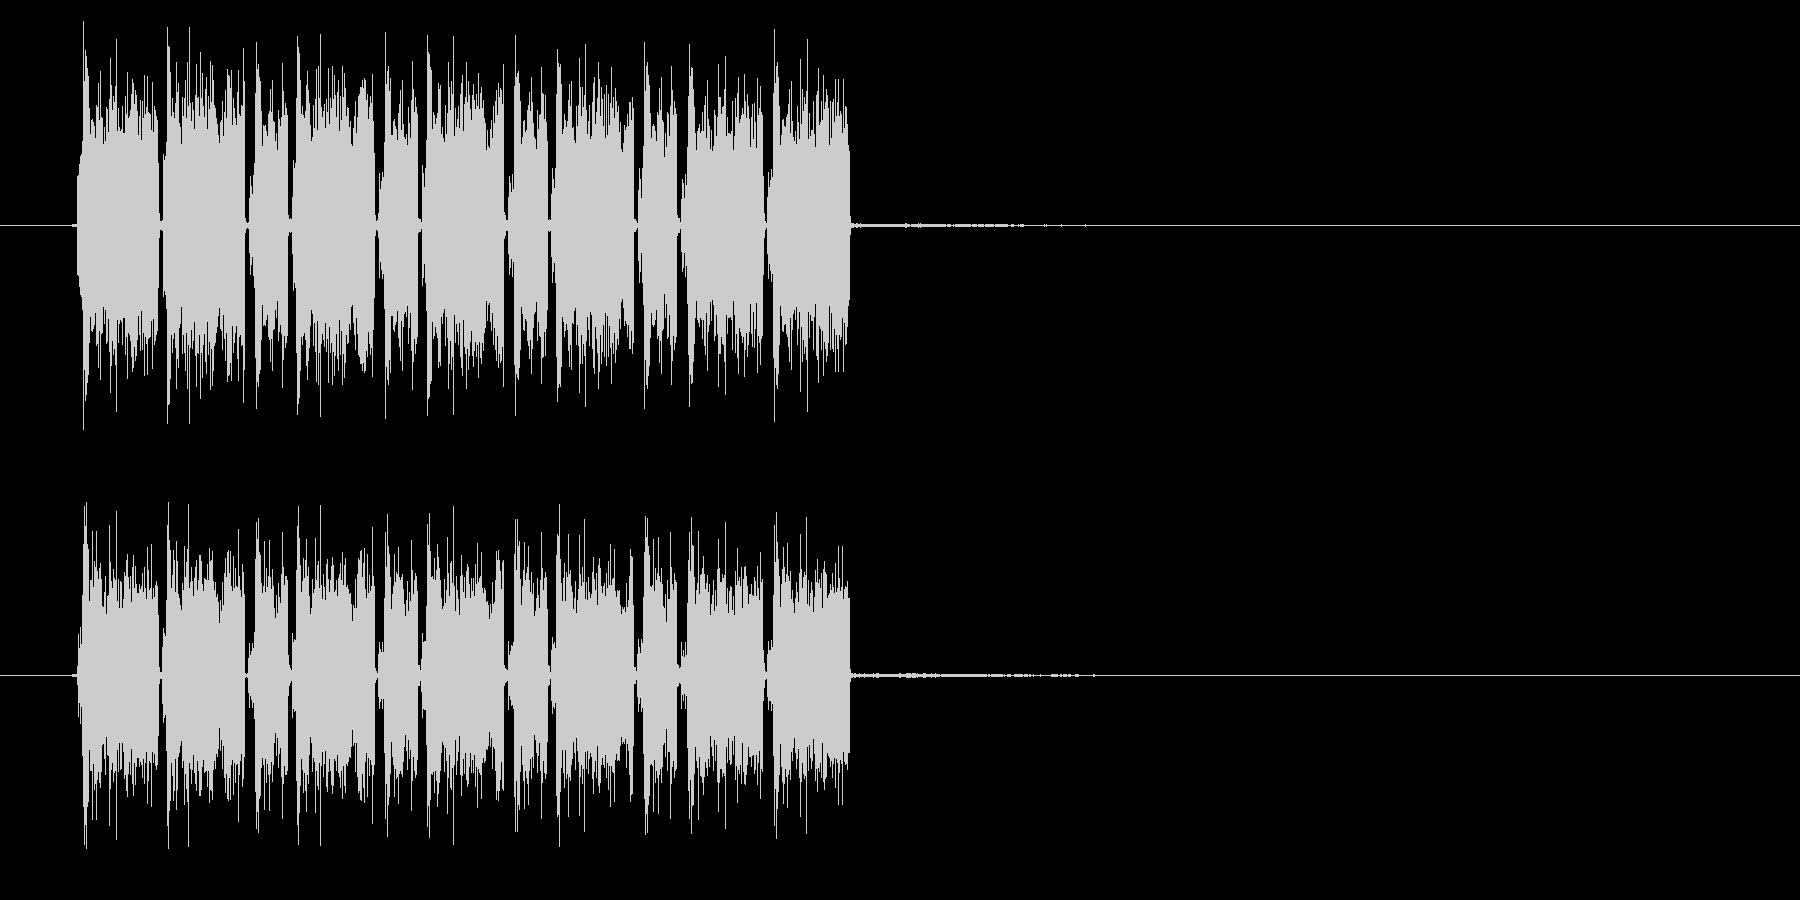 ガザガザガザ(機械的な効果音)の未再生の波形